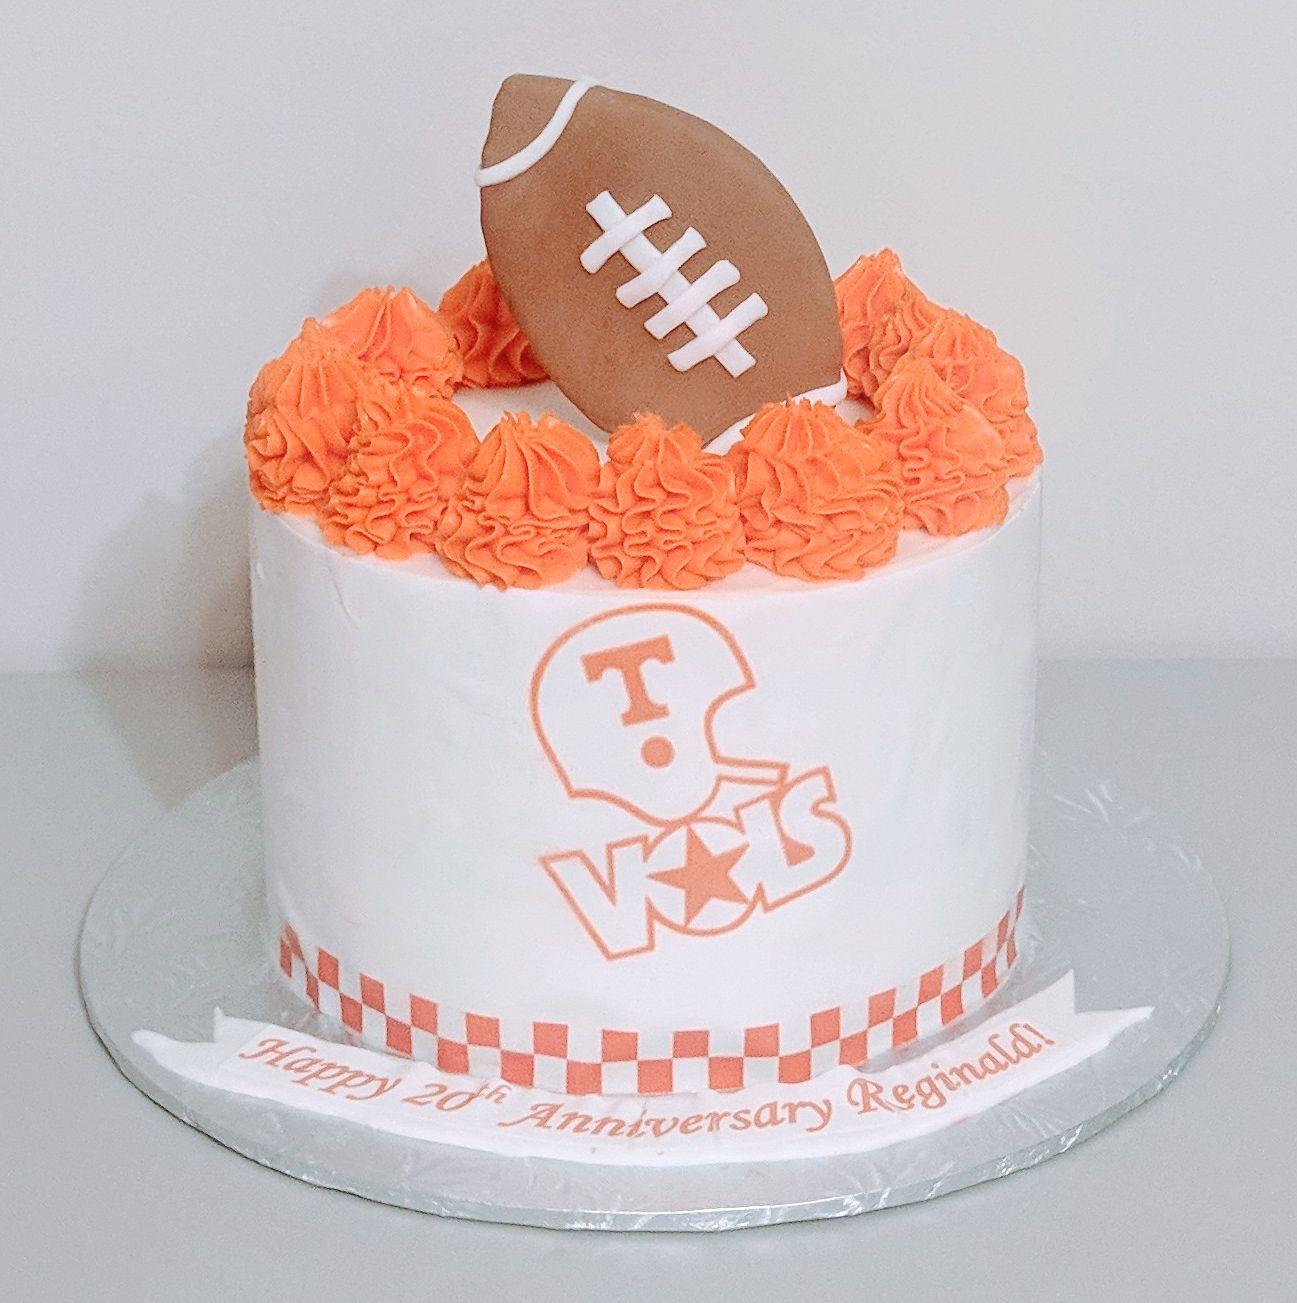 UT Football Cake